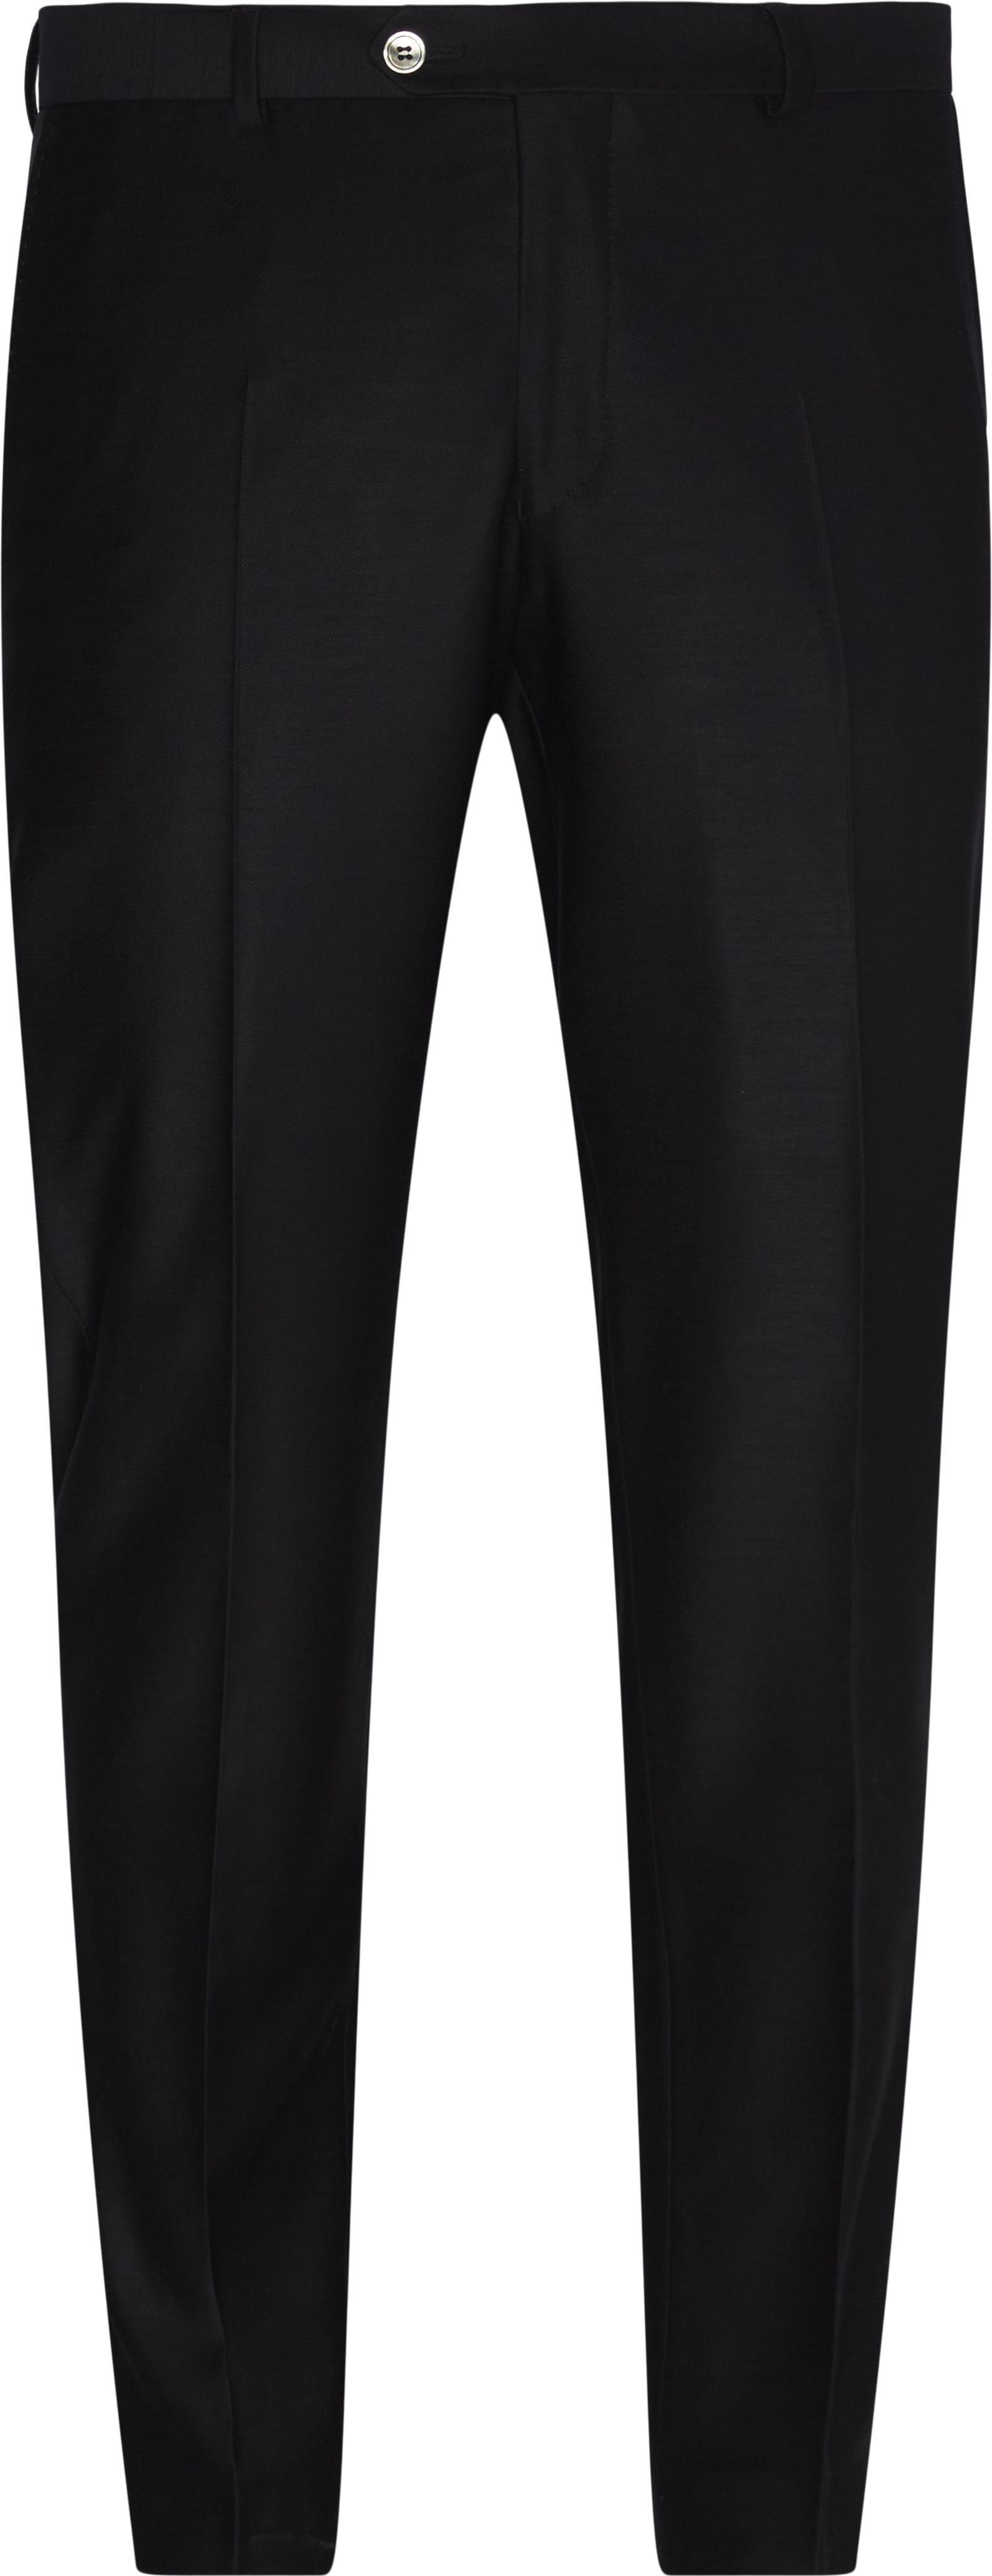 Habitbukser  - Bukser - Regular fit - Blå